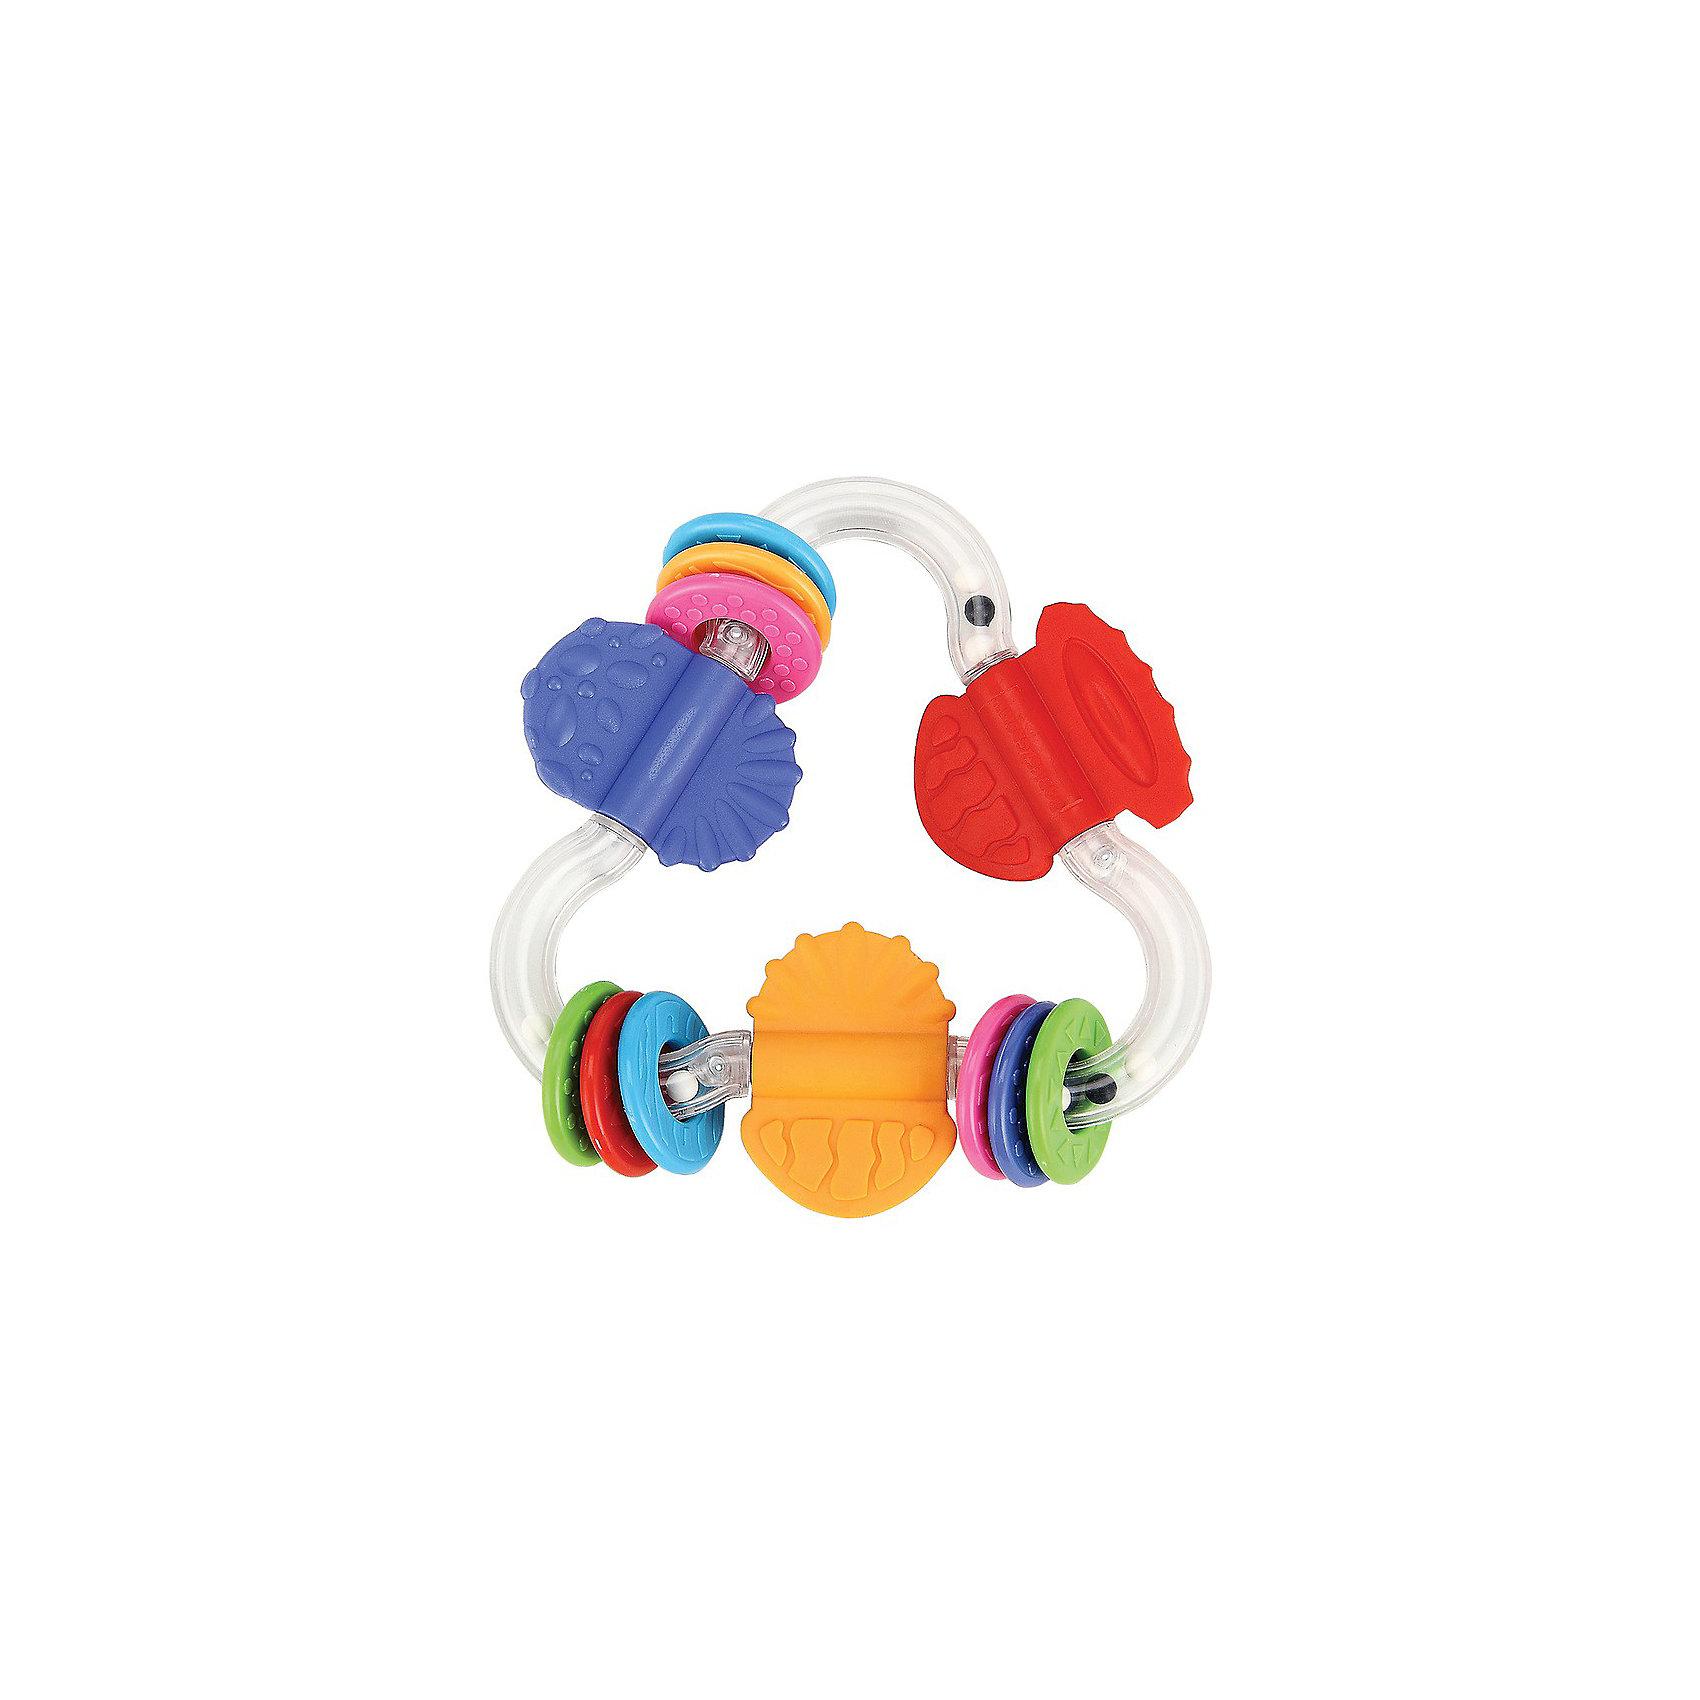 Зигзаг-прорезыватель POSITIVIKUS Happy BabyПрорезыватели<br>Зигзаг-прорезыватель POSITIVIKUS<br><br>Развивает: координацию движений; слуховое, тактильное и зрительное восприятие; познавательный интерес.<br><br>Характеристики: прозрачный корпус в виде зигзага с шариками, которые создают шумовой эффект; прорезыватели в виде колечек, которые передвигаются по зигзагу; резиновые ограничители служат прорезывателями.<br><br>Дополнительная информация:<br><br>Материал: АБС пластик, термопластичная резина.<br><br>Зигзаг-прорезыватель POSITIVIKUS Happy Baby можно купить в нашем интернет-магазине.<br><br>Ширина мм: 200<br>Глубина мм: 145<br>Высота мм: 40<br>Вес г: 91<br>Возраст от месяцев: 3<br>Возраст до месяцев: 24<br>Пол: Унисекс<br>Возраст: Детский<br>SKU: 3408927